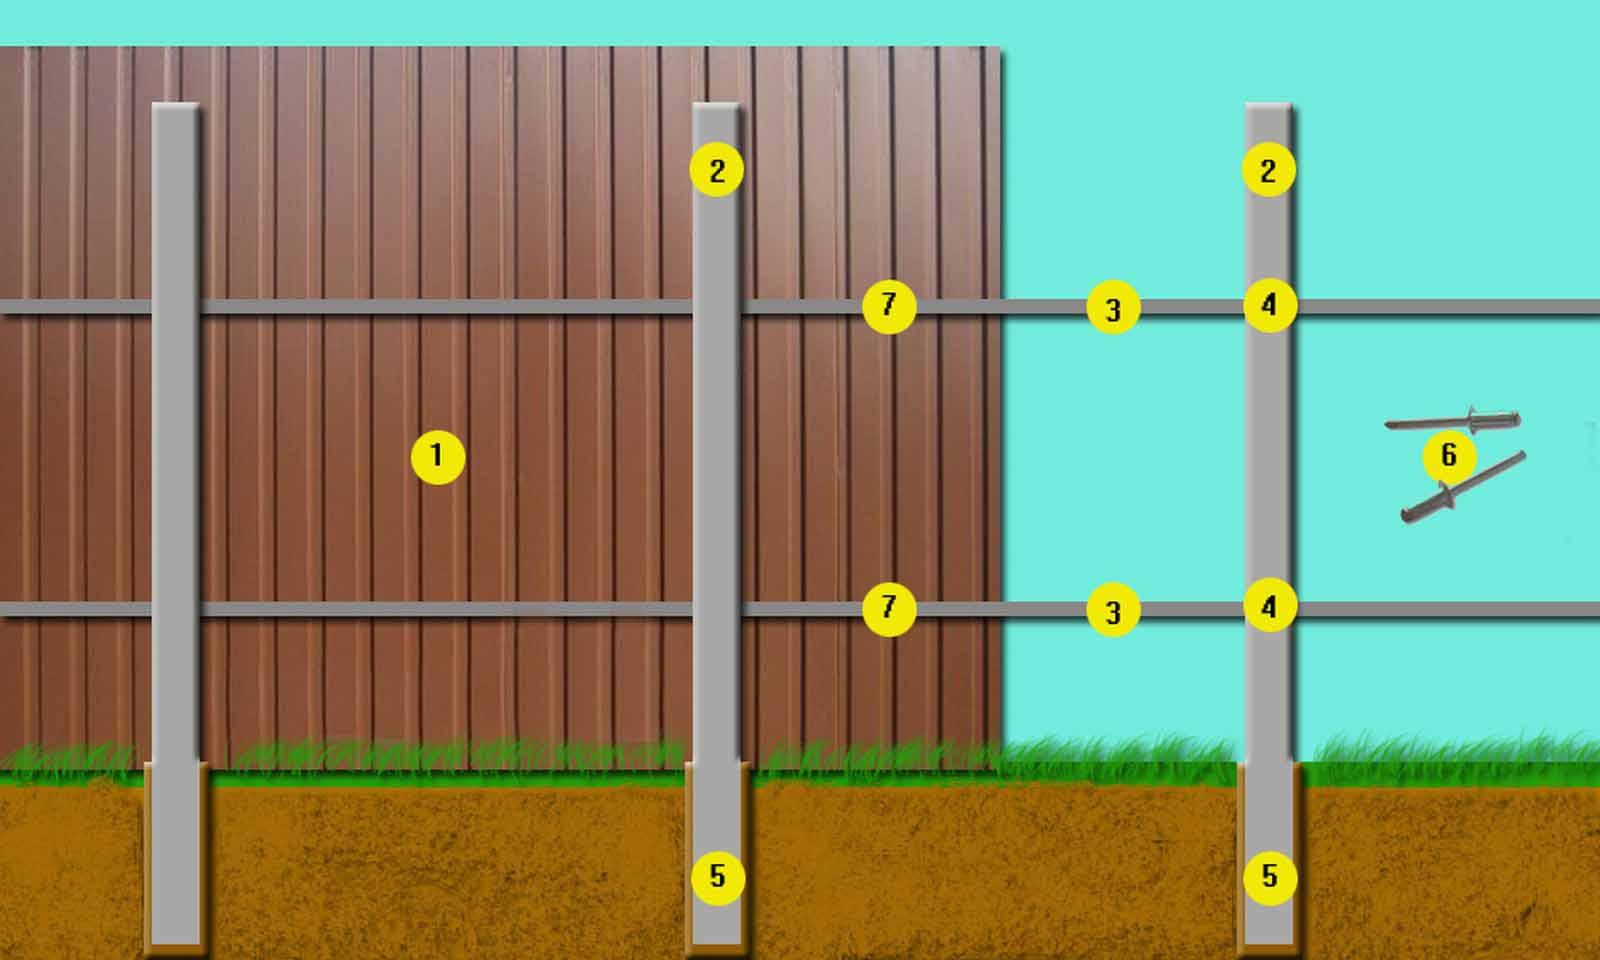 Схема монтажа забора из профлиста: 1.- Профлист высота 2м. 2.- Столбы (60х60) длинна 3м. 3.- Лаги (40х20). 4.- Место сварки лаги со столбом. 5.- Столбы забиты в землю на 1.2м. 6.- Заклепки для забора. 7.- Место для заклепок.